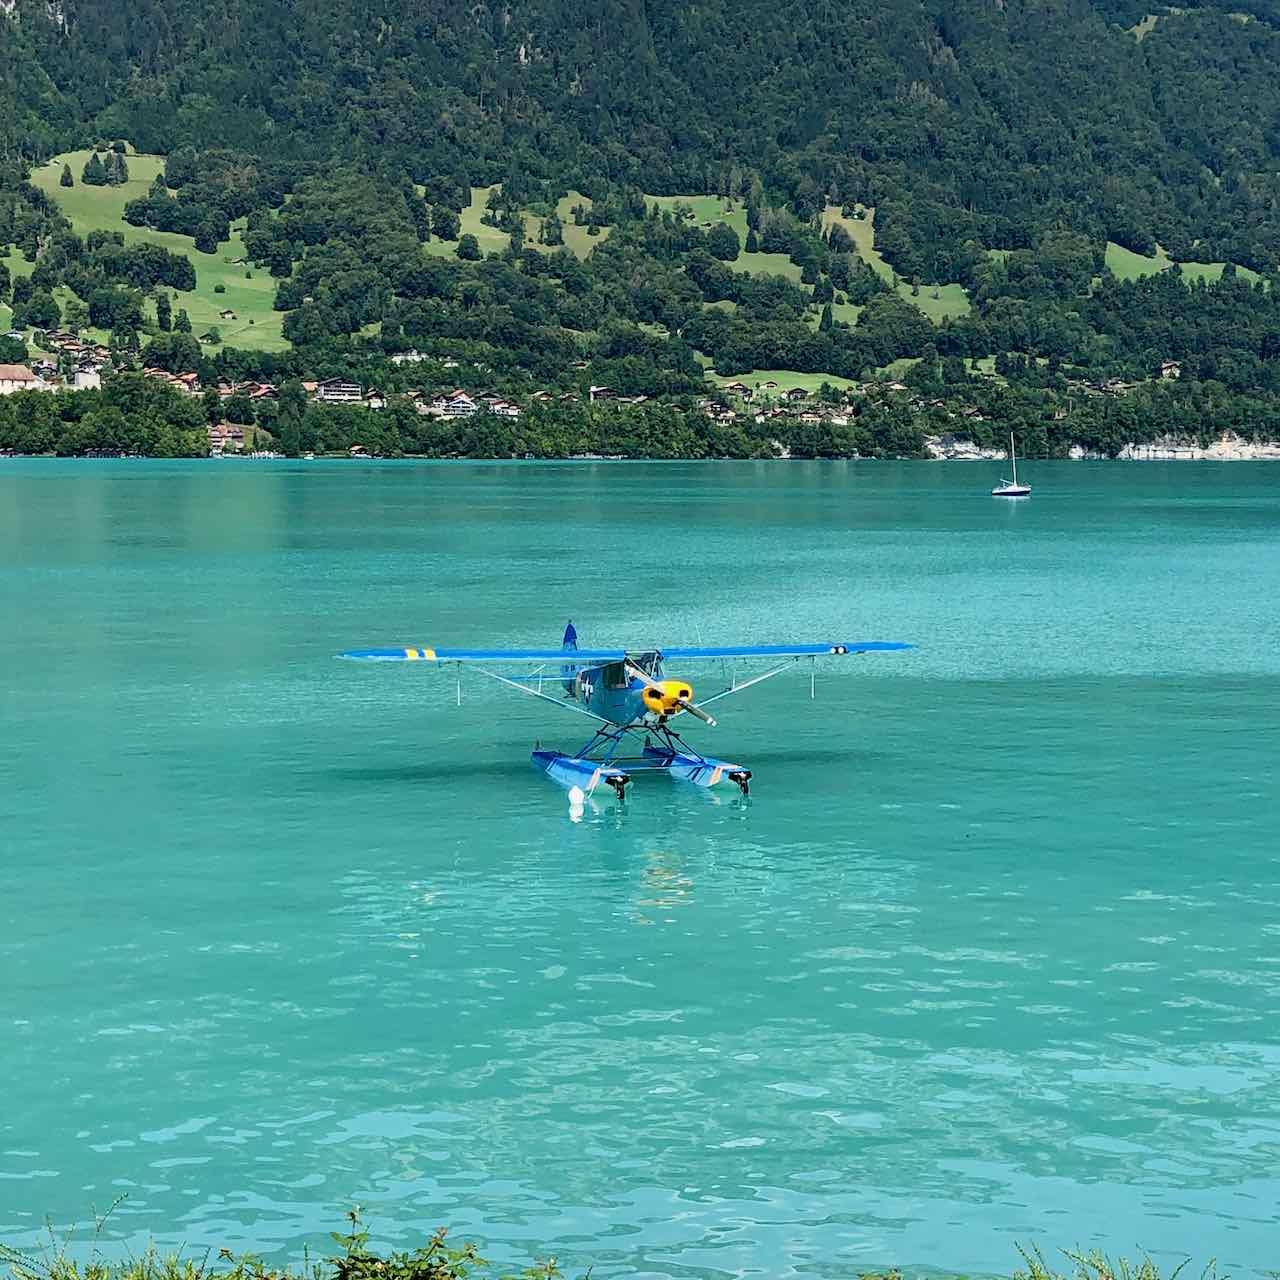 Wasserflugzeuge 2020 - 1 von 15.jpeg